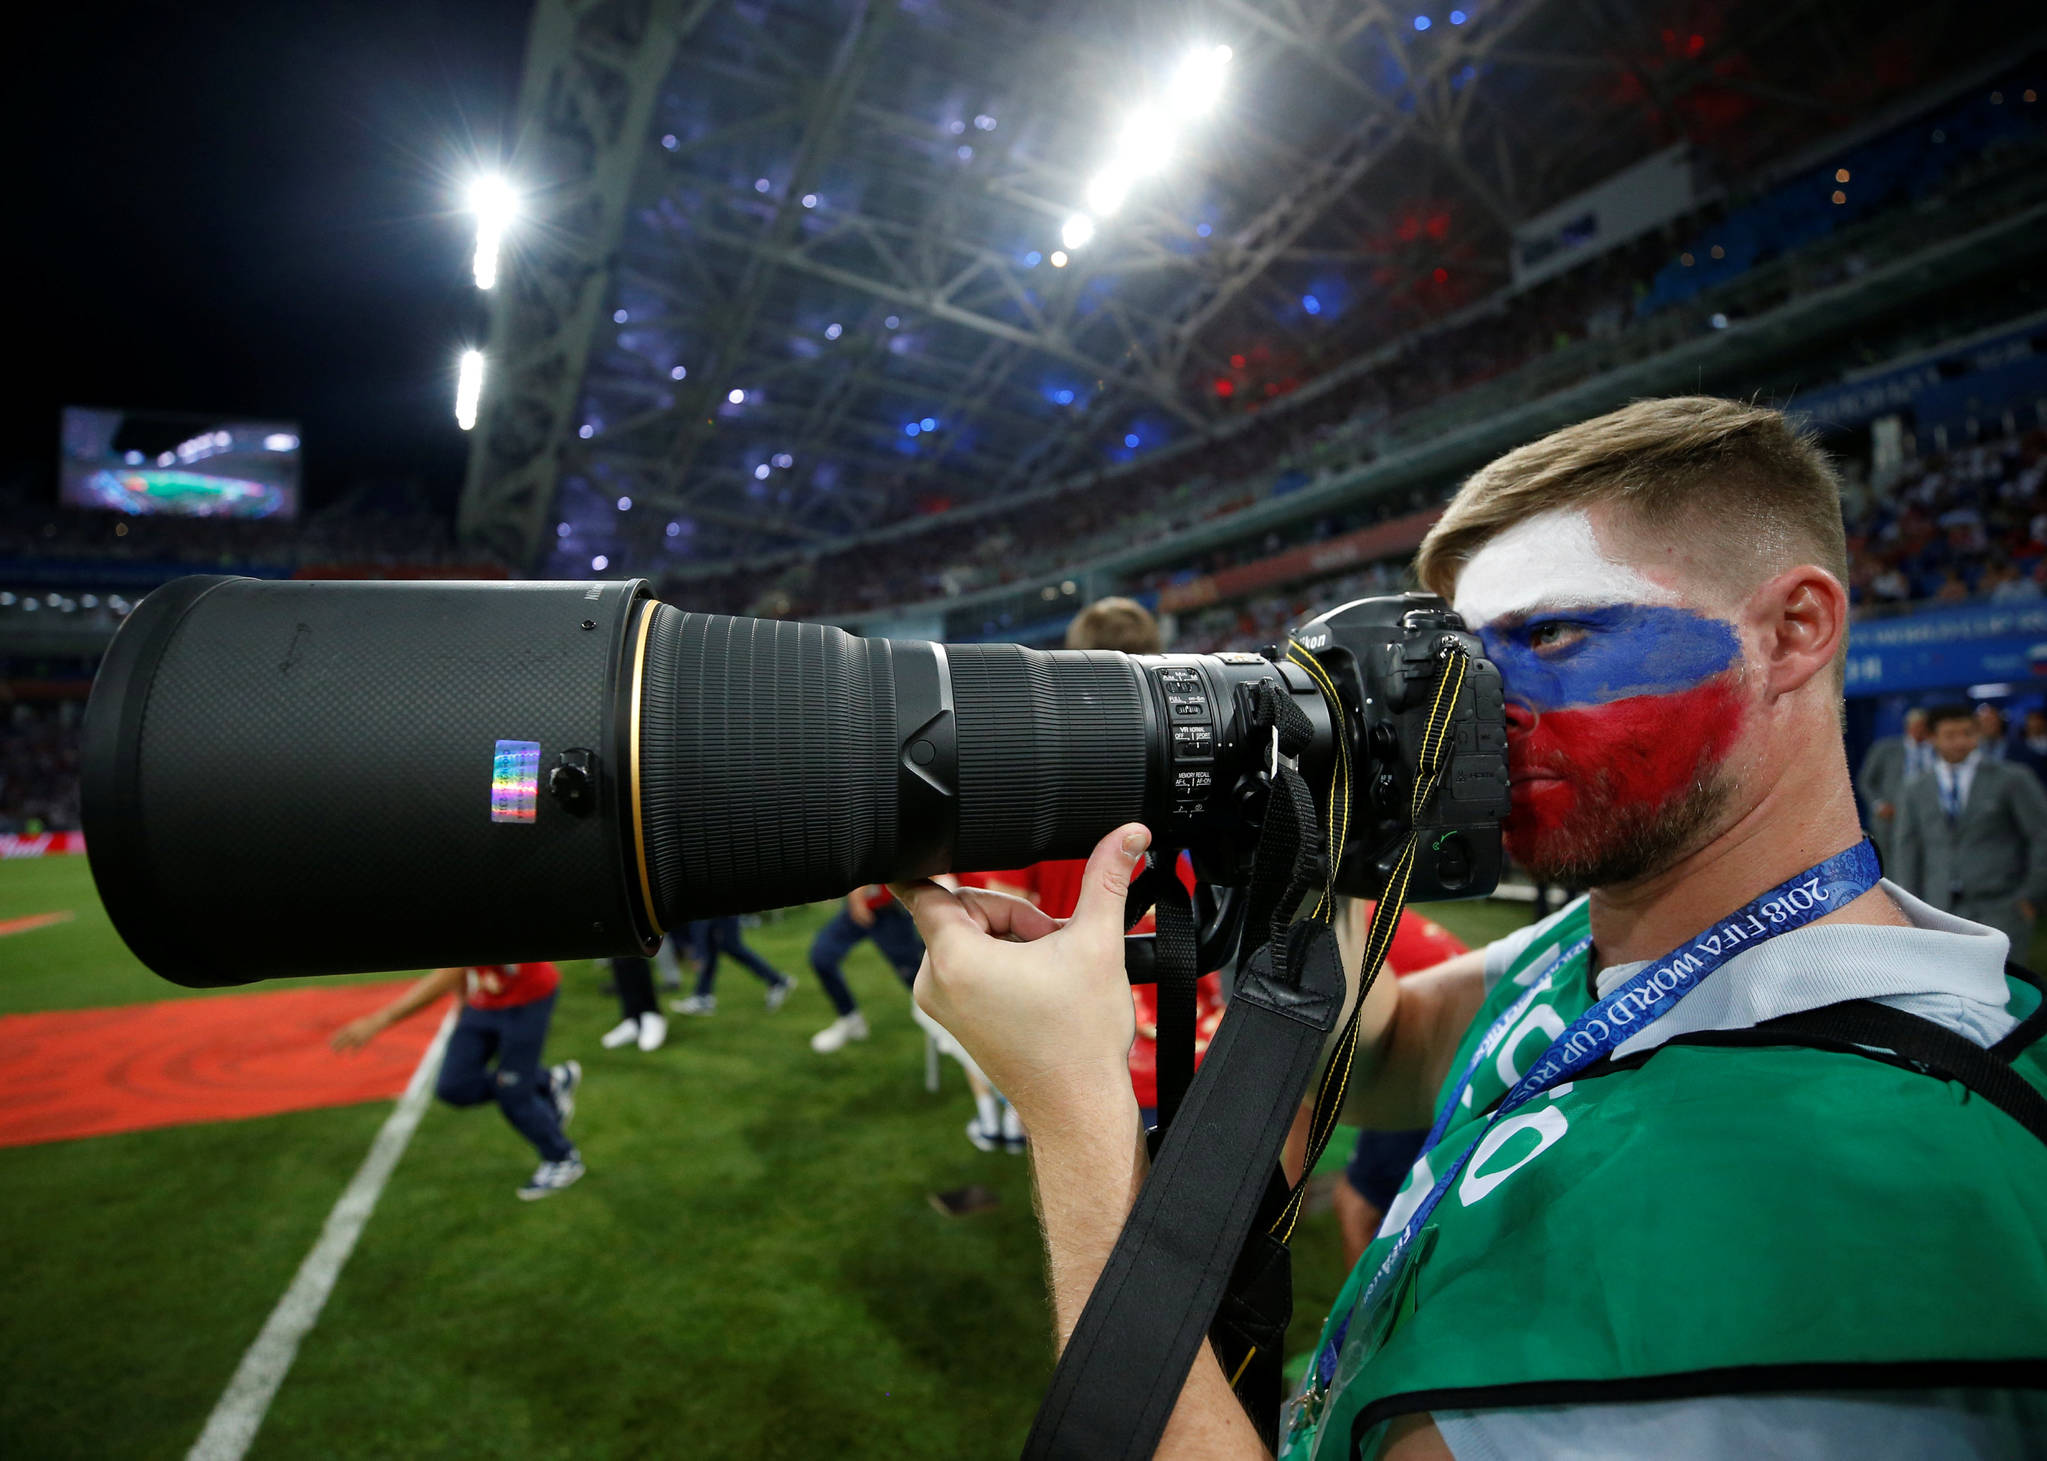 러시아 사진기자가 지난 7일 소치의 피쉬트 경기장에서 얼굴에 러시아국기를 그린 채 사진취재를 하고 있다.[연합뉴스]